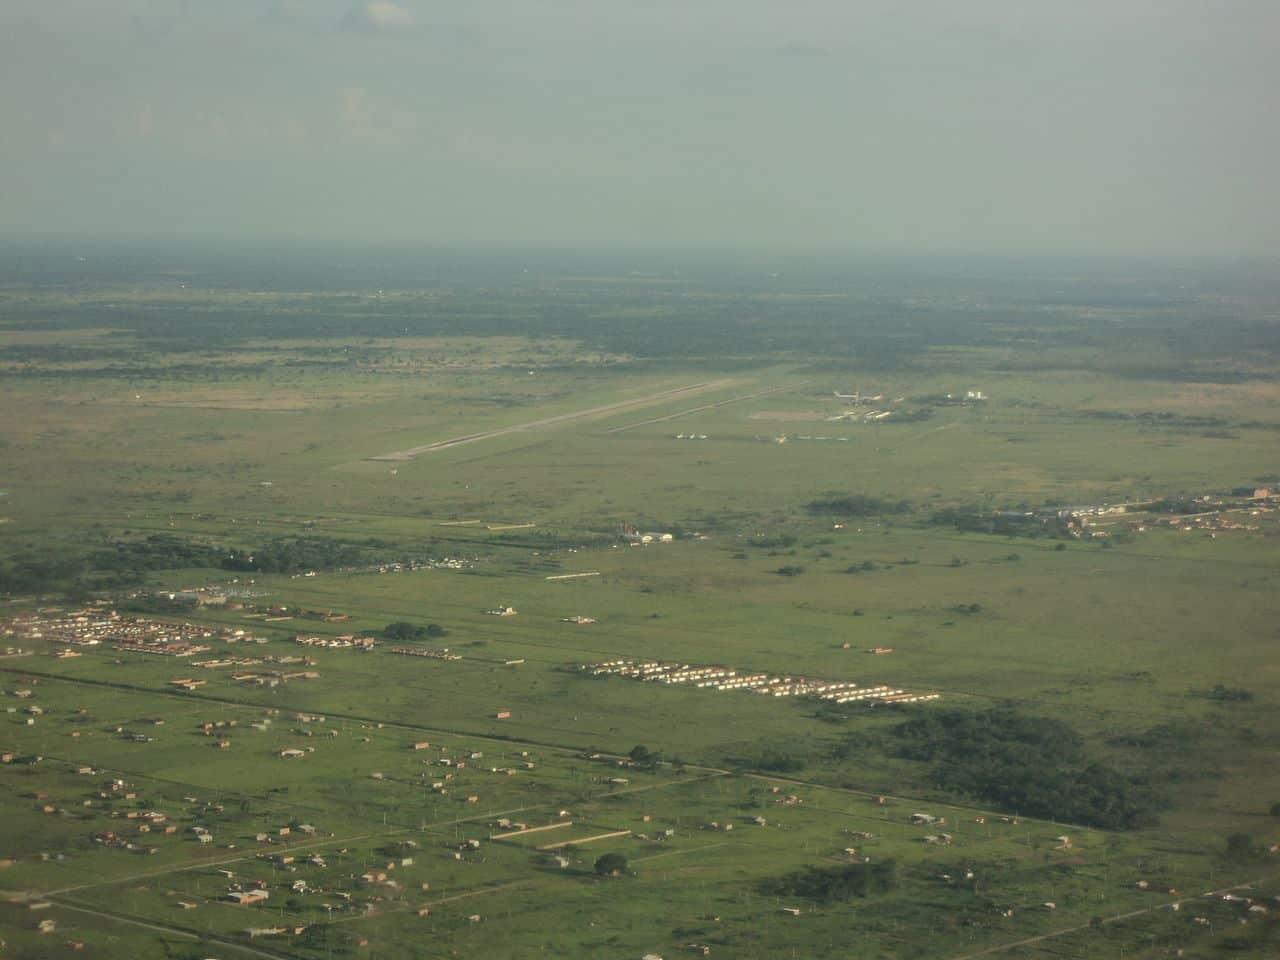 nome do aeroporto de santa cruz de la sierra